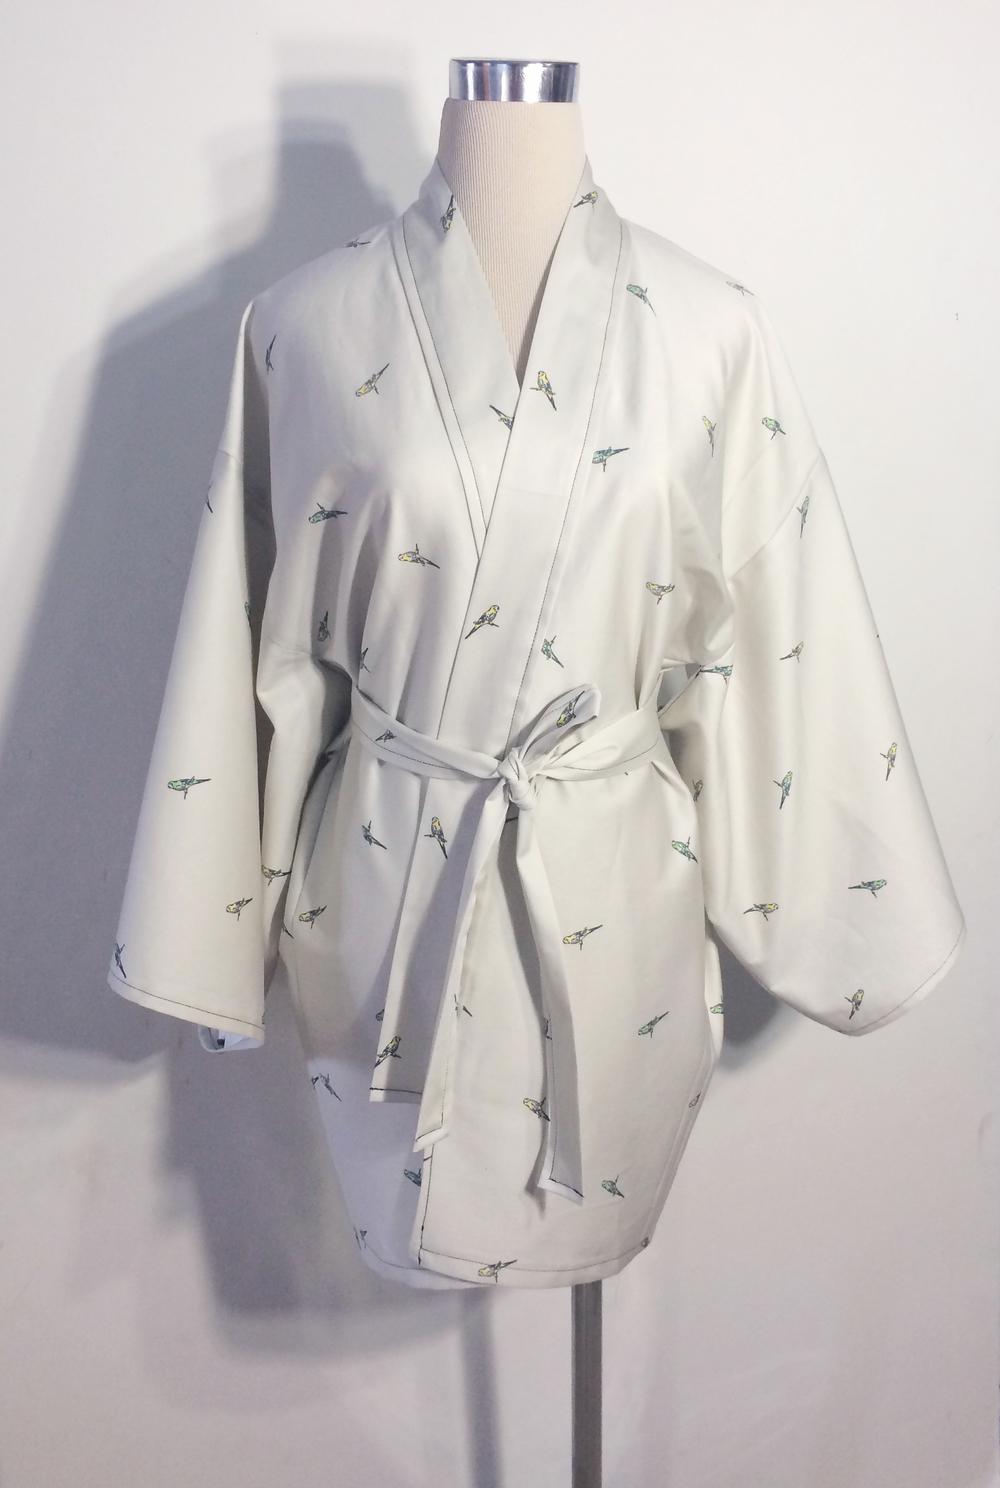 Parrot Print Cotton Haori Kimono